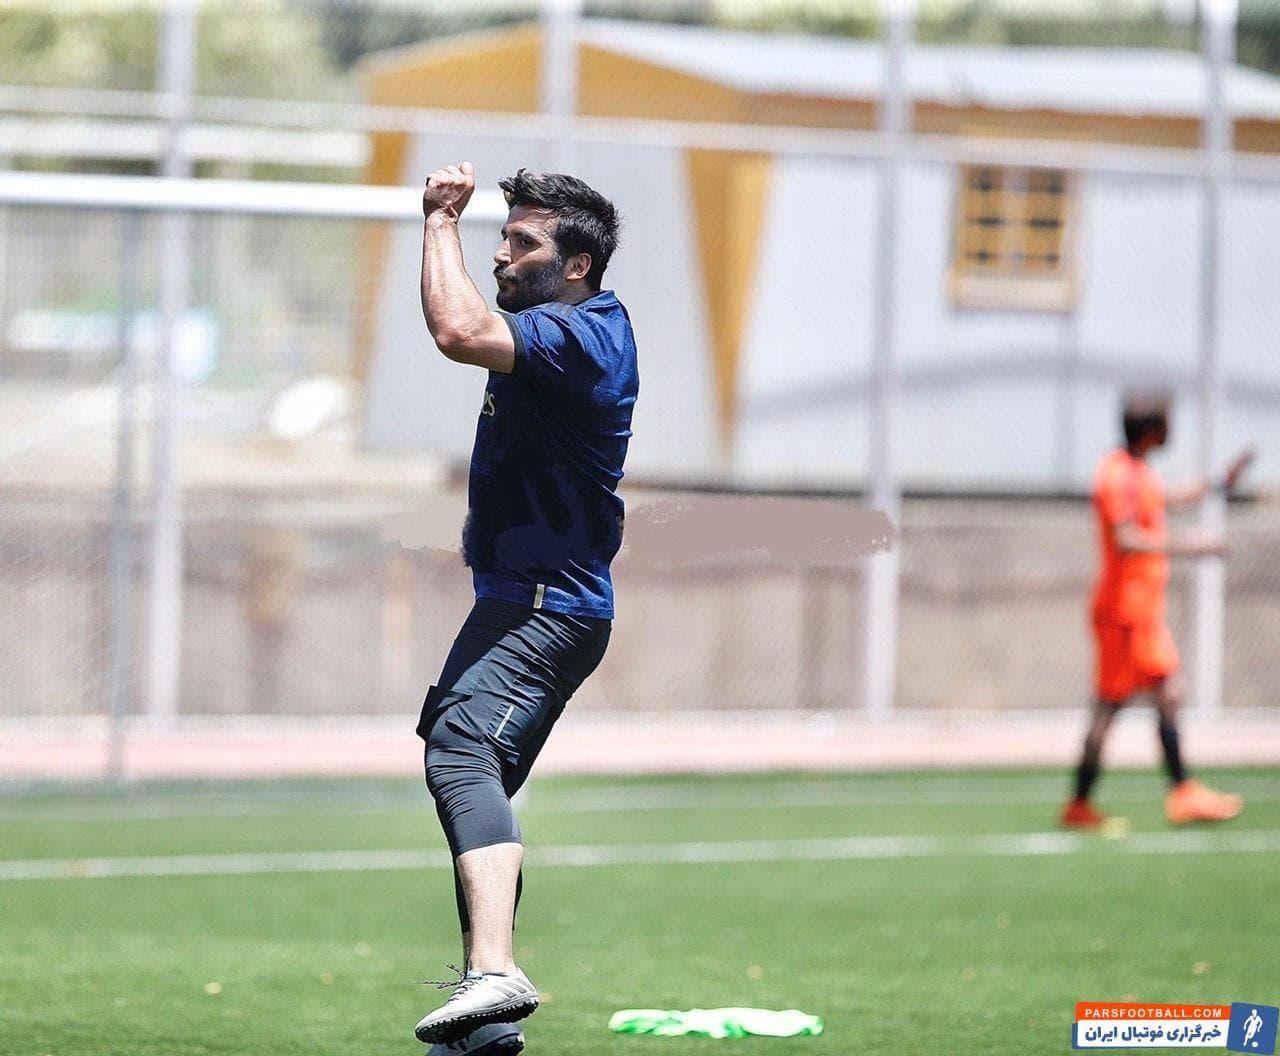 کاظمیان بعد از گل این چنین به سبک کریستیانو رونالدو خوشحالی کرد تا علاقه اش به ستاره پرتغالی و همچنین اهمیت گلزنی به تیم علی کریمی را نشان دهد.